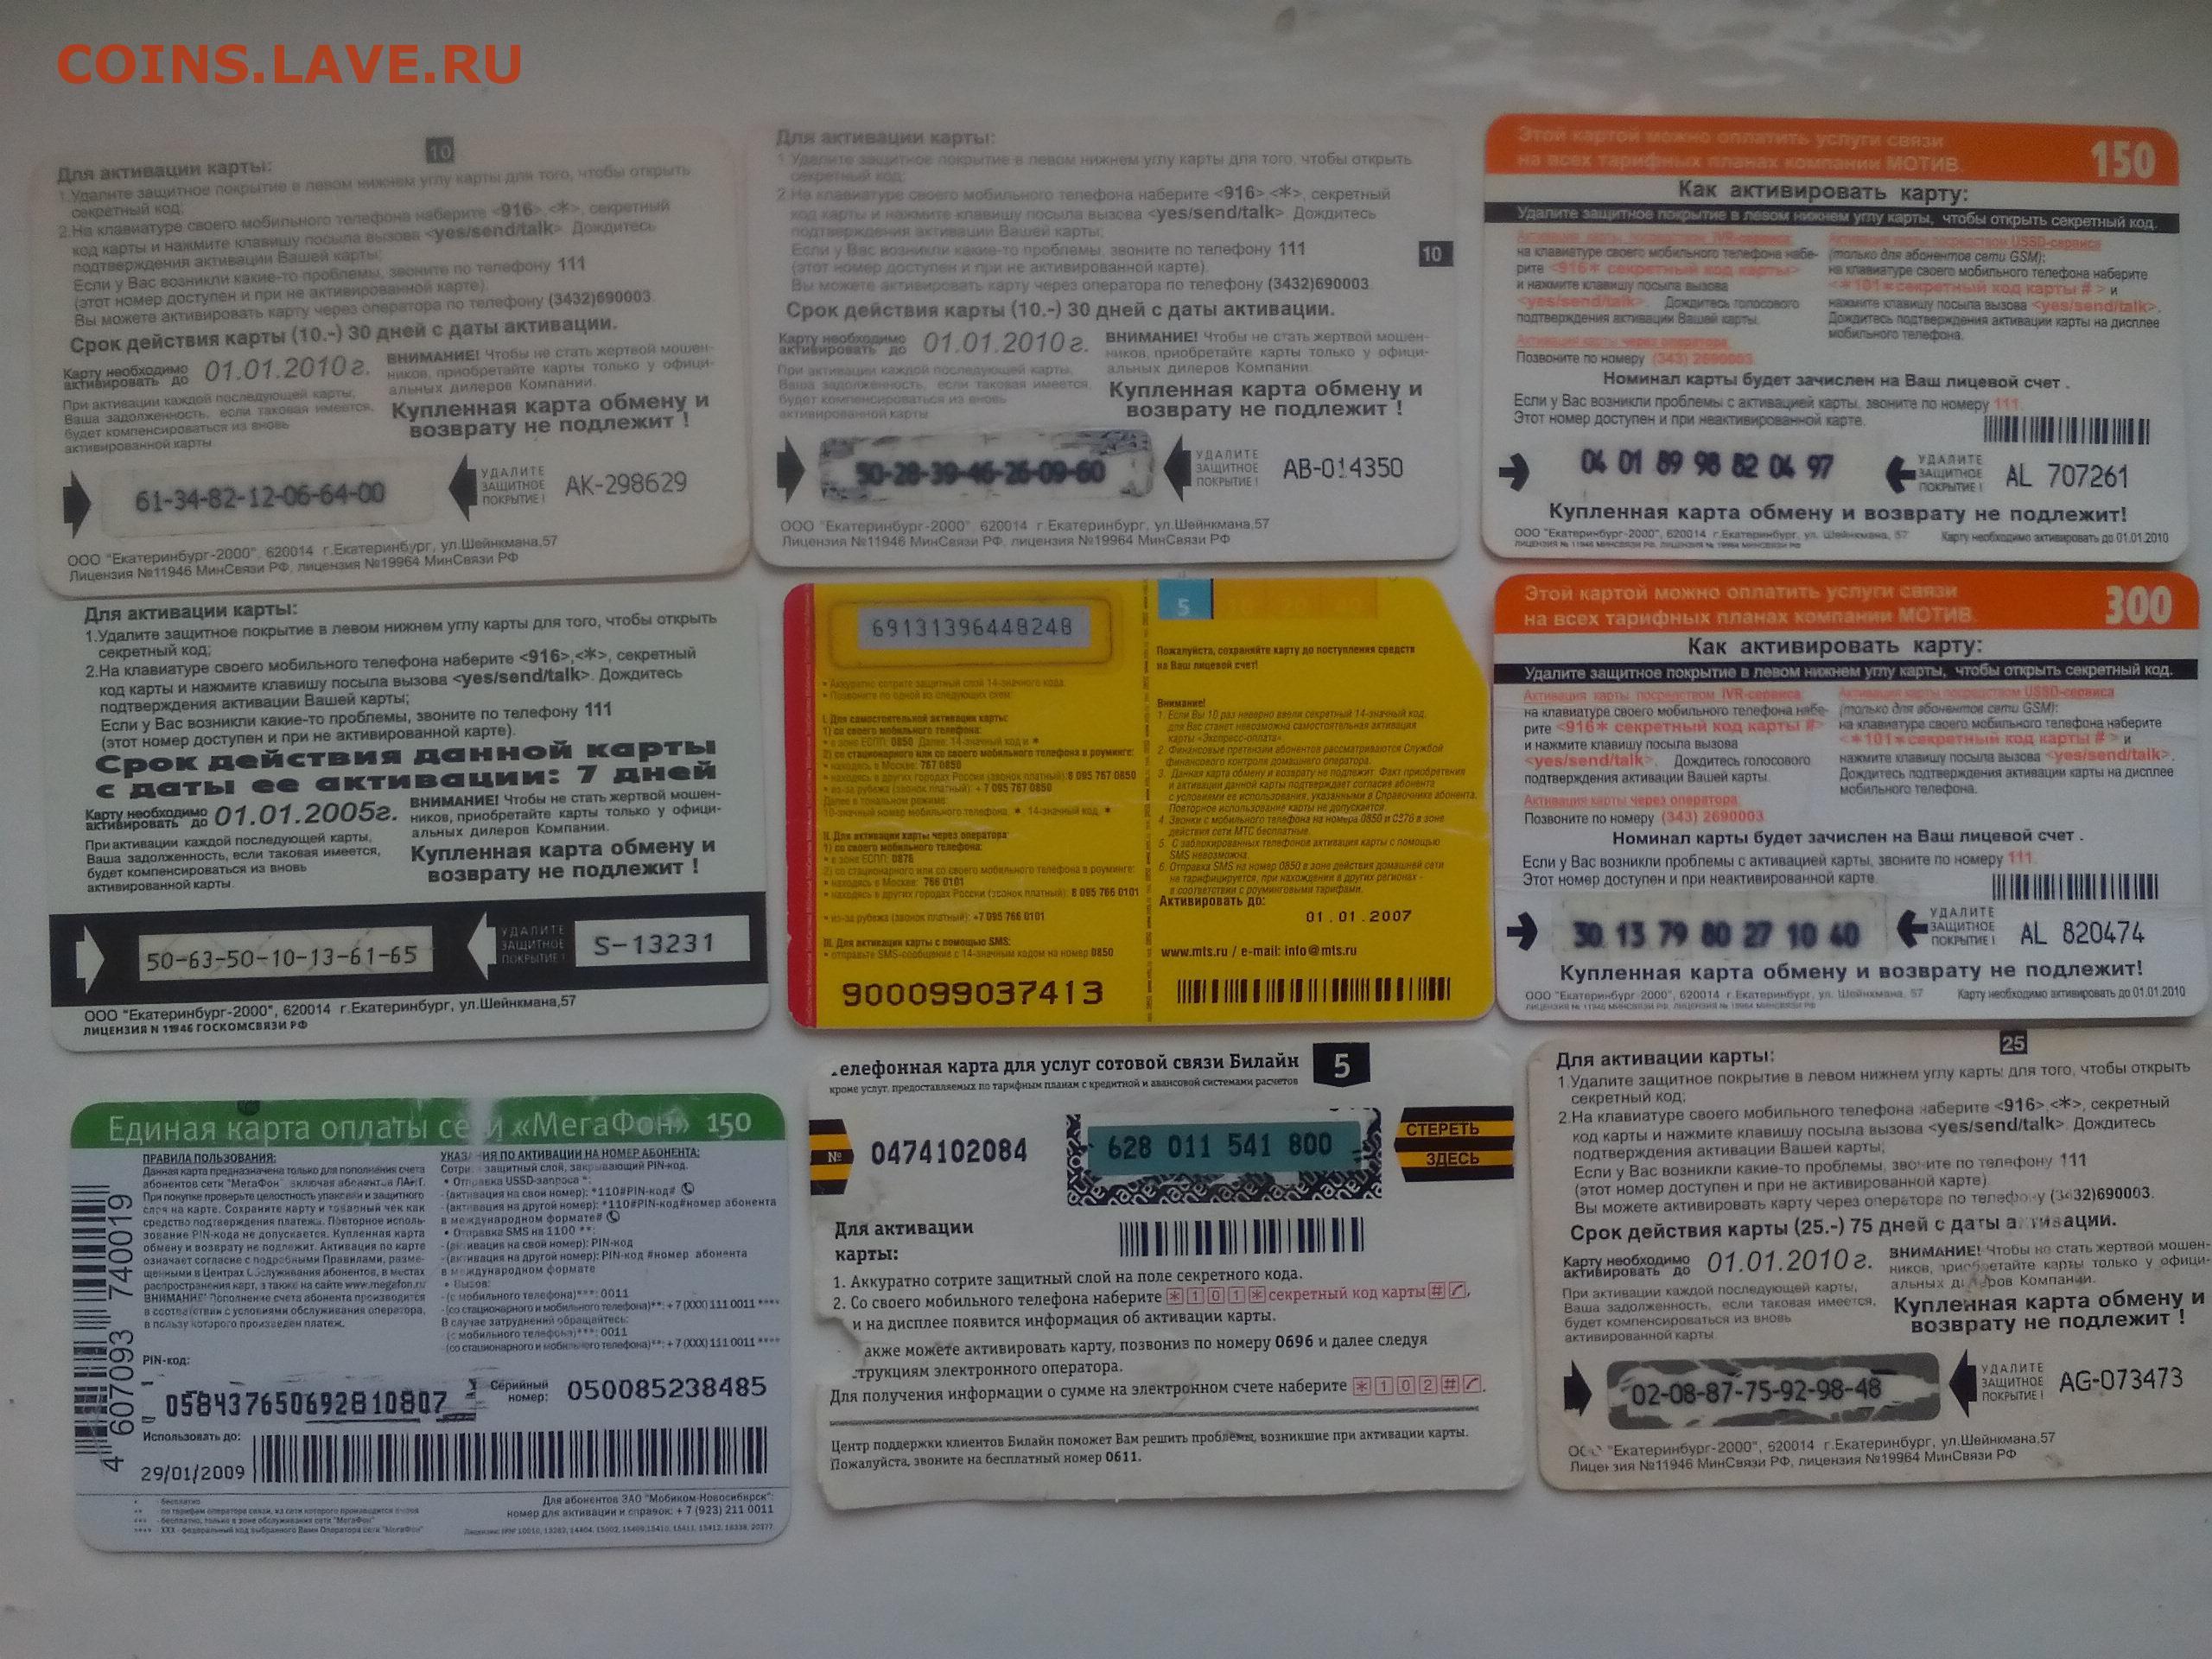 Заказ подарка ру активация карты единая карта оплаты мобильной